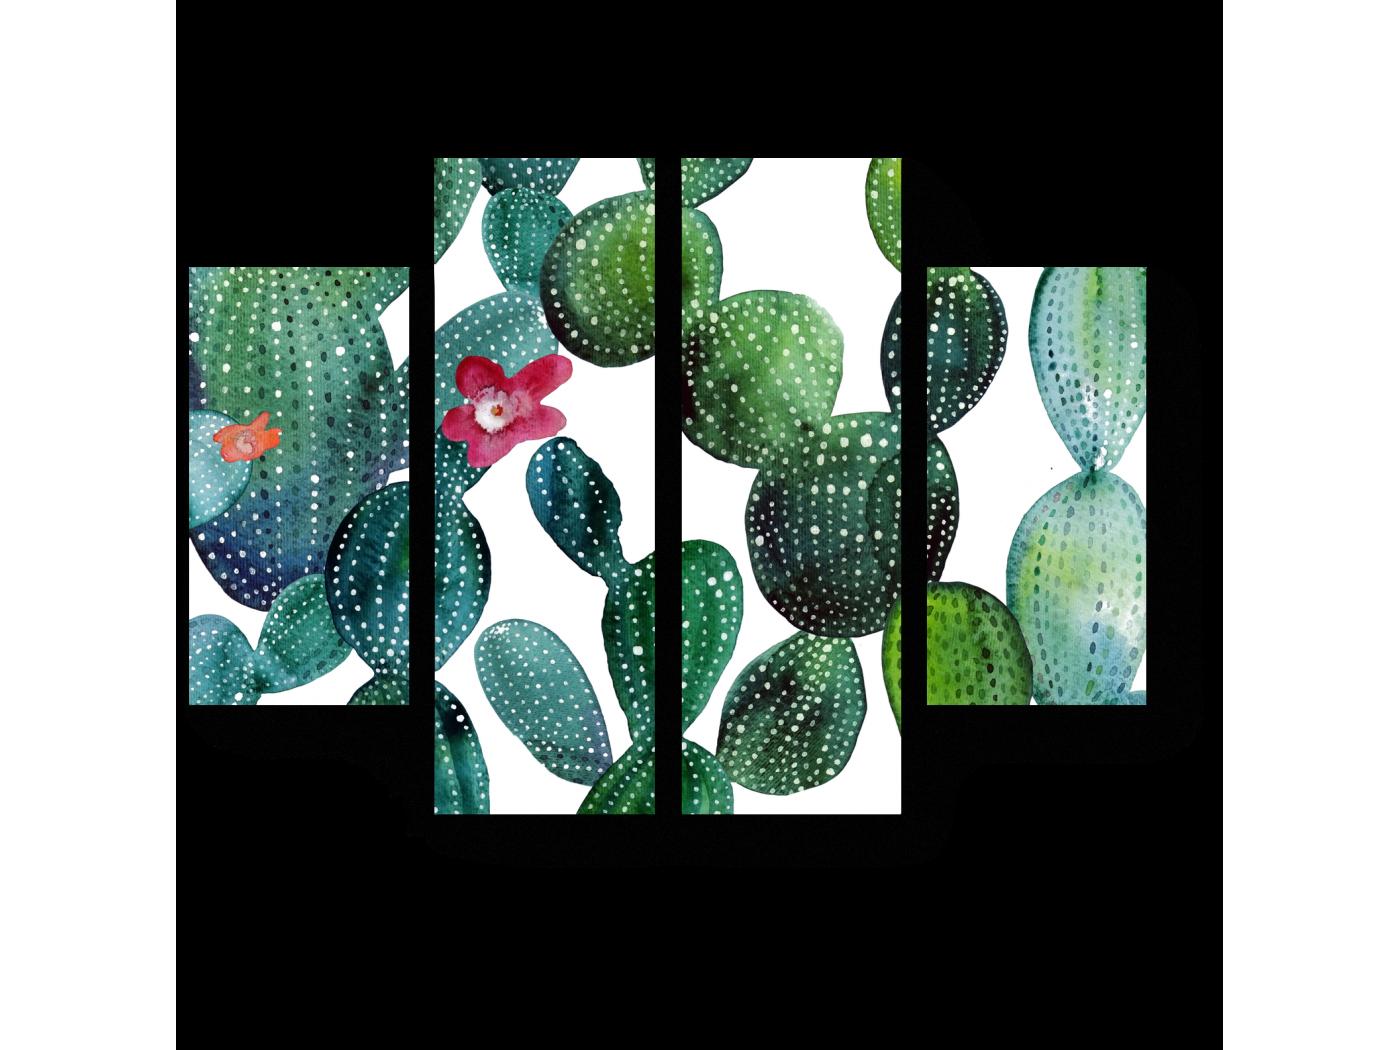 Модульная картина Акварельные кактусы (80x60) фото